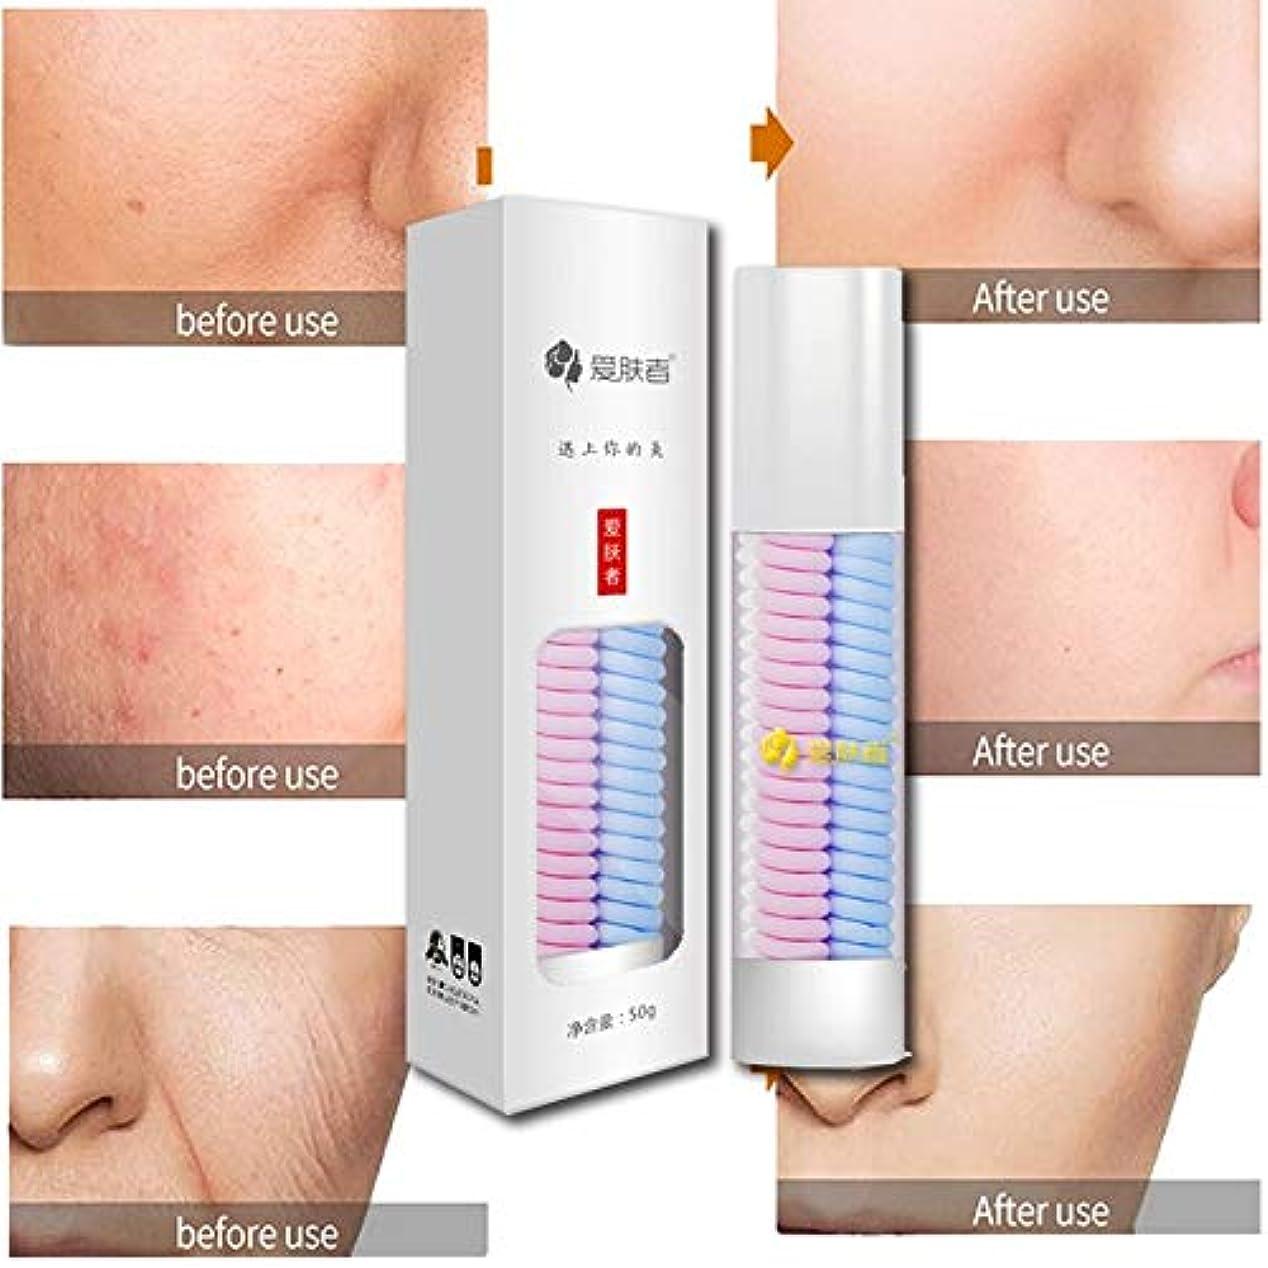 単独で蜂キロメートル保湿顔寧クリームの電子抗しわ年齢ケアのRIR cremasはhidratante顔面edad抗faciales